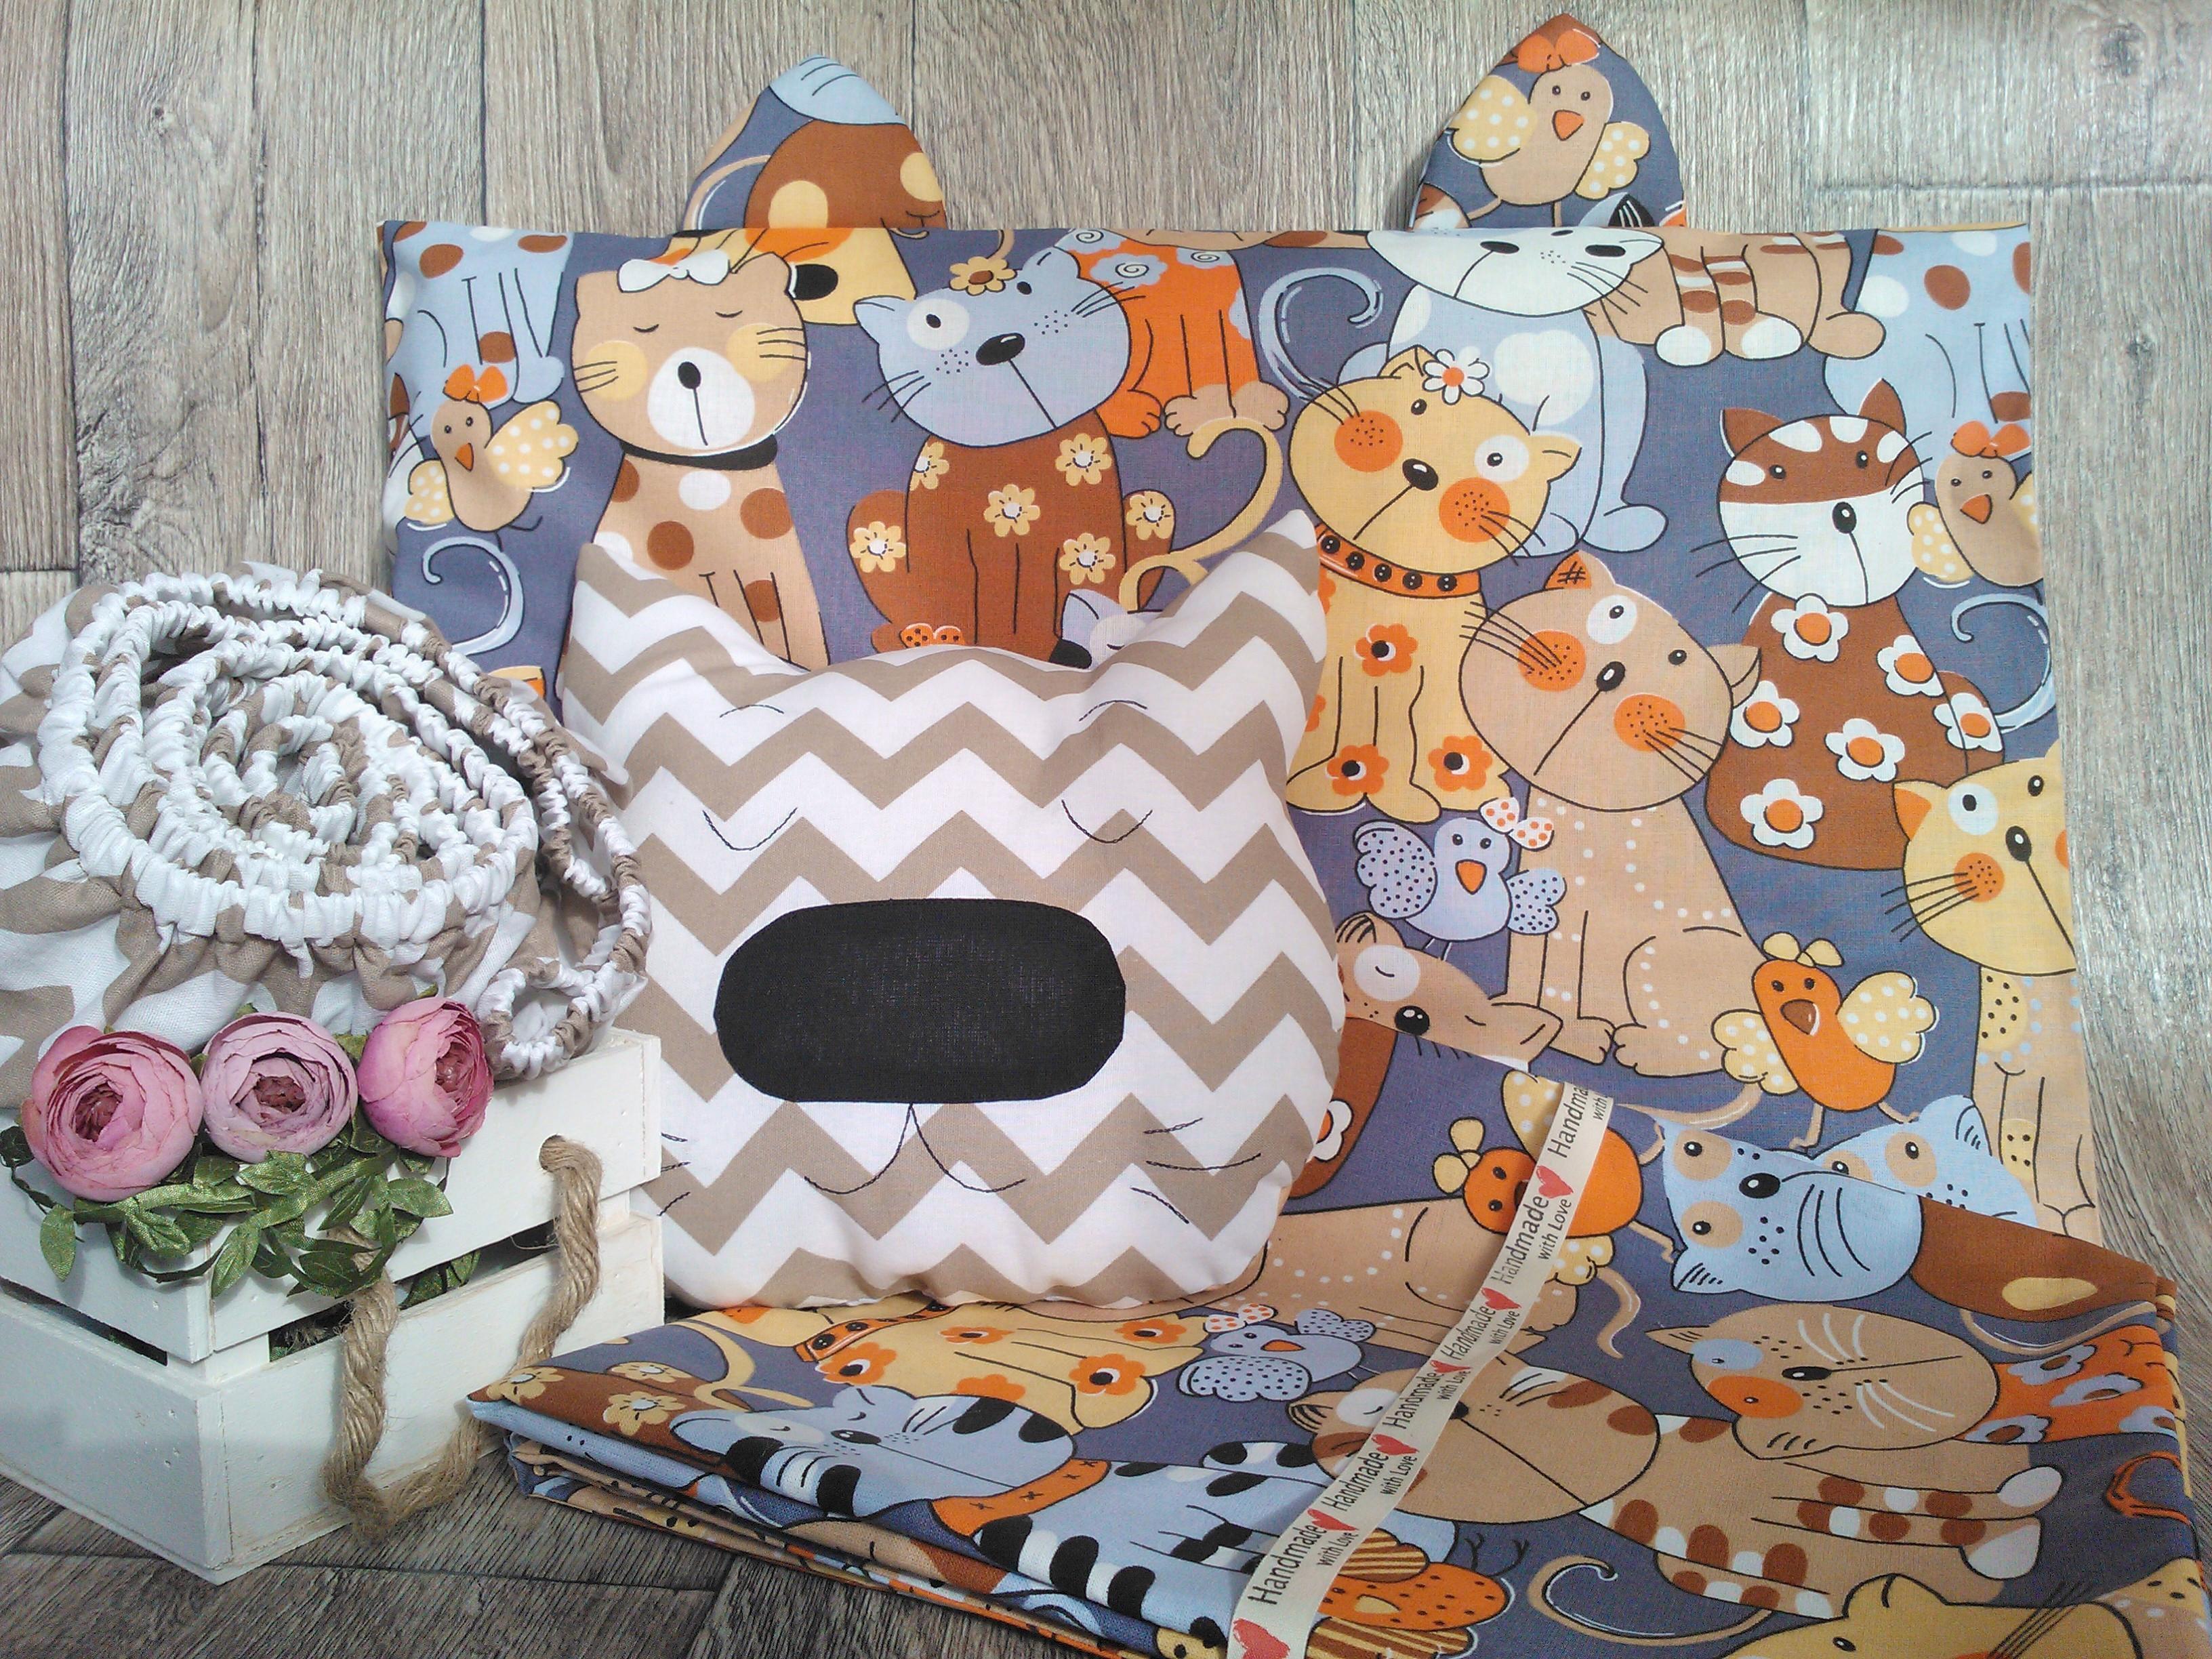 подарок детям уют кроватка сон ручнаяработа